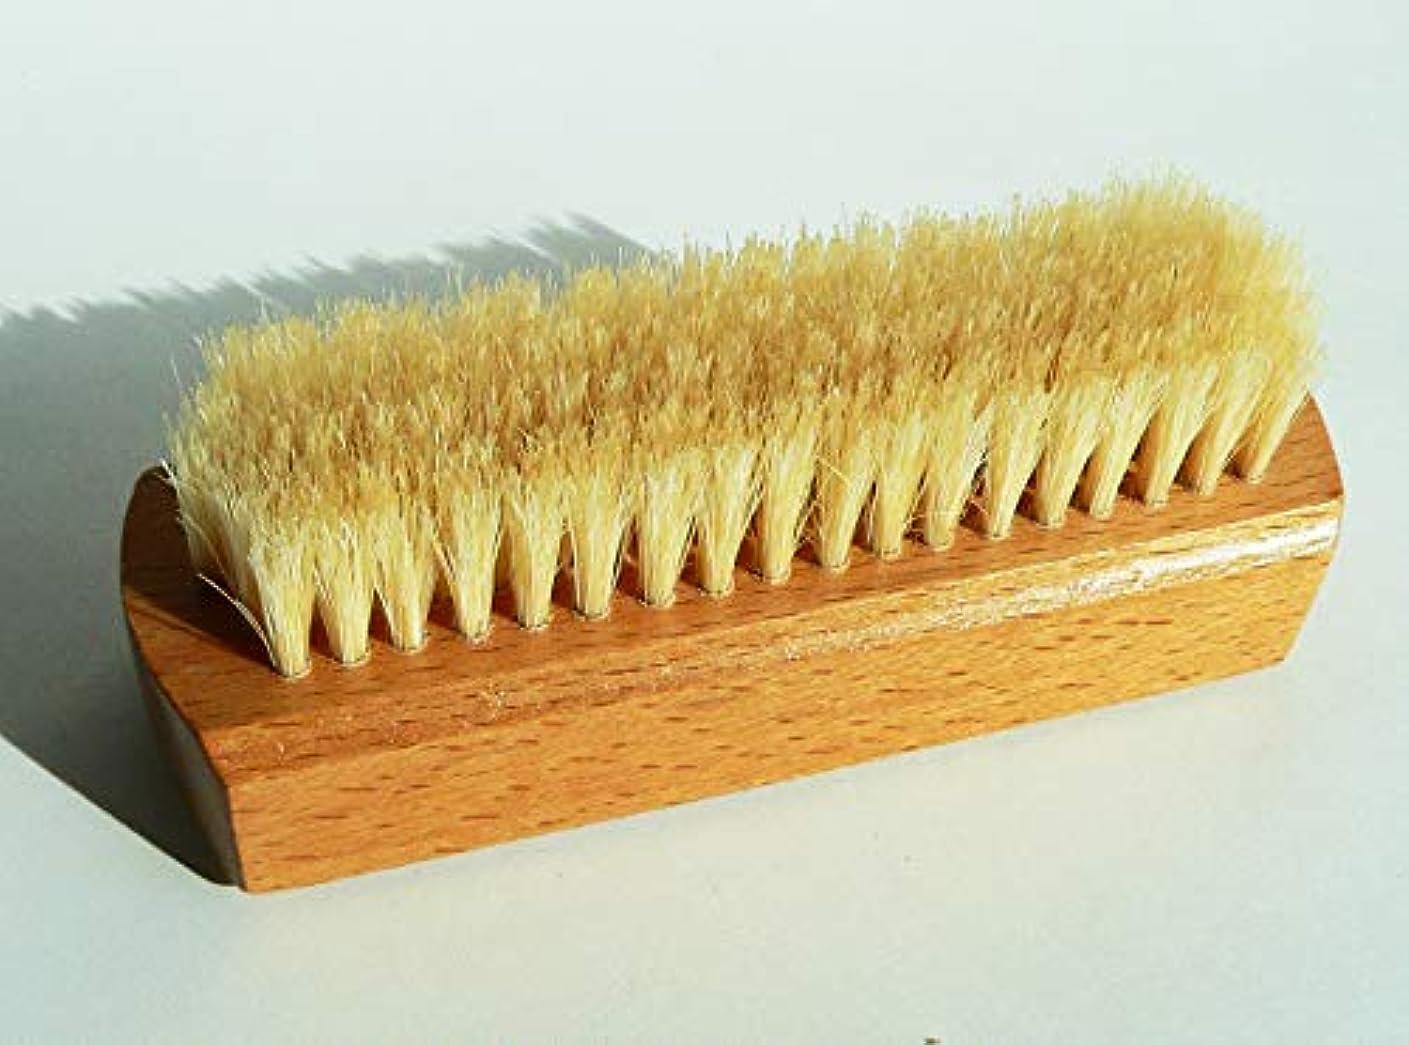 雪だるまを作る泥文字浅草の老舗ブラシ専門店の 爪磨き ネイルブラシ (単品)